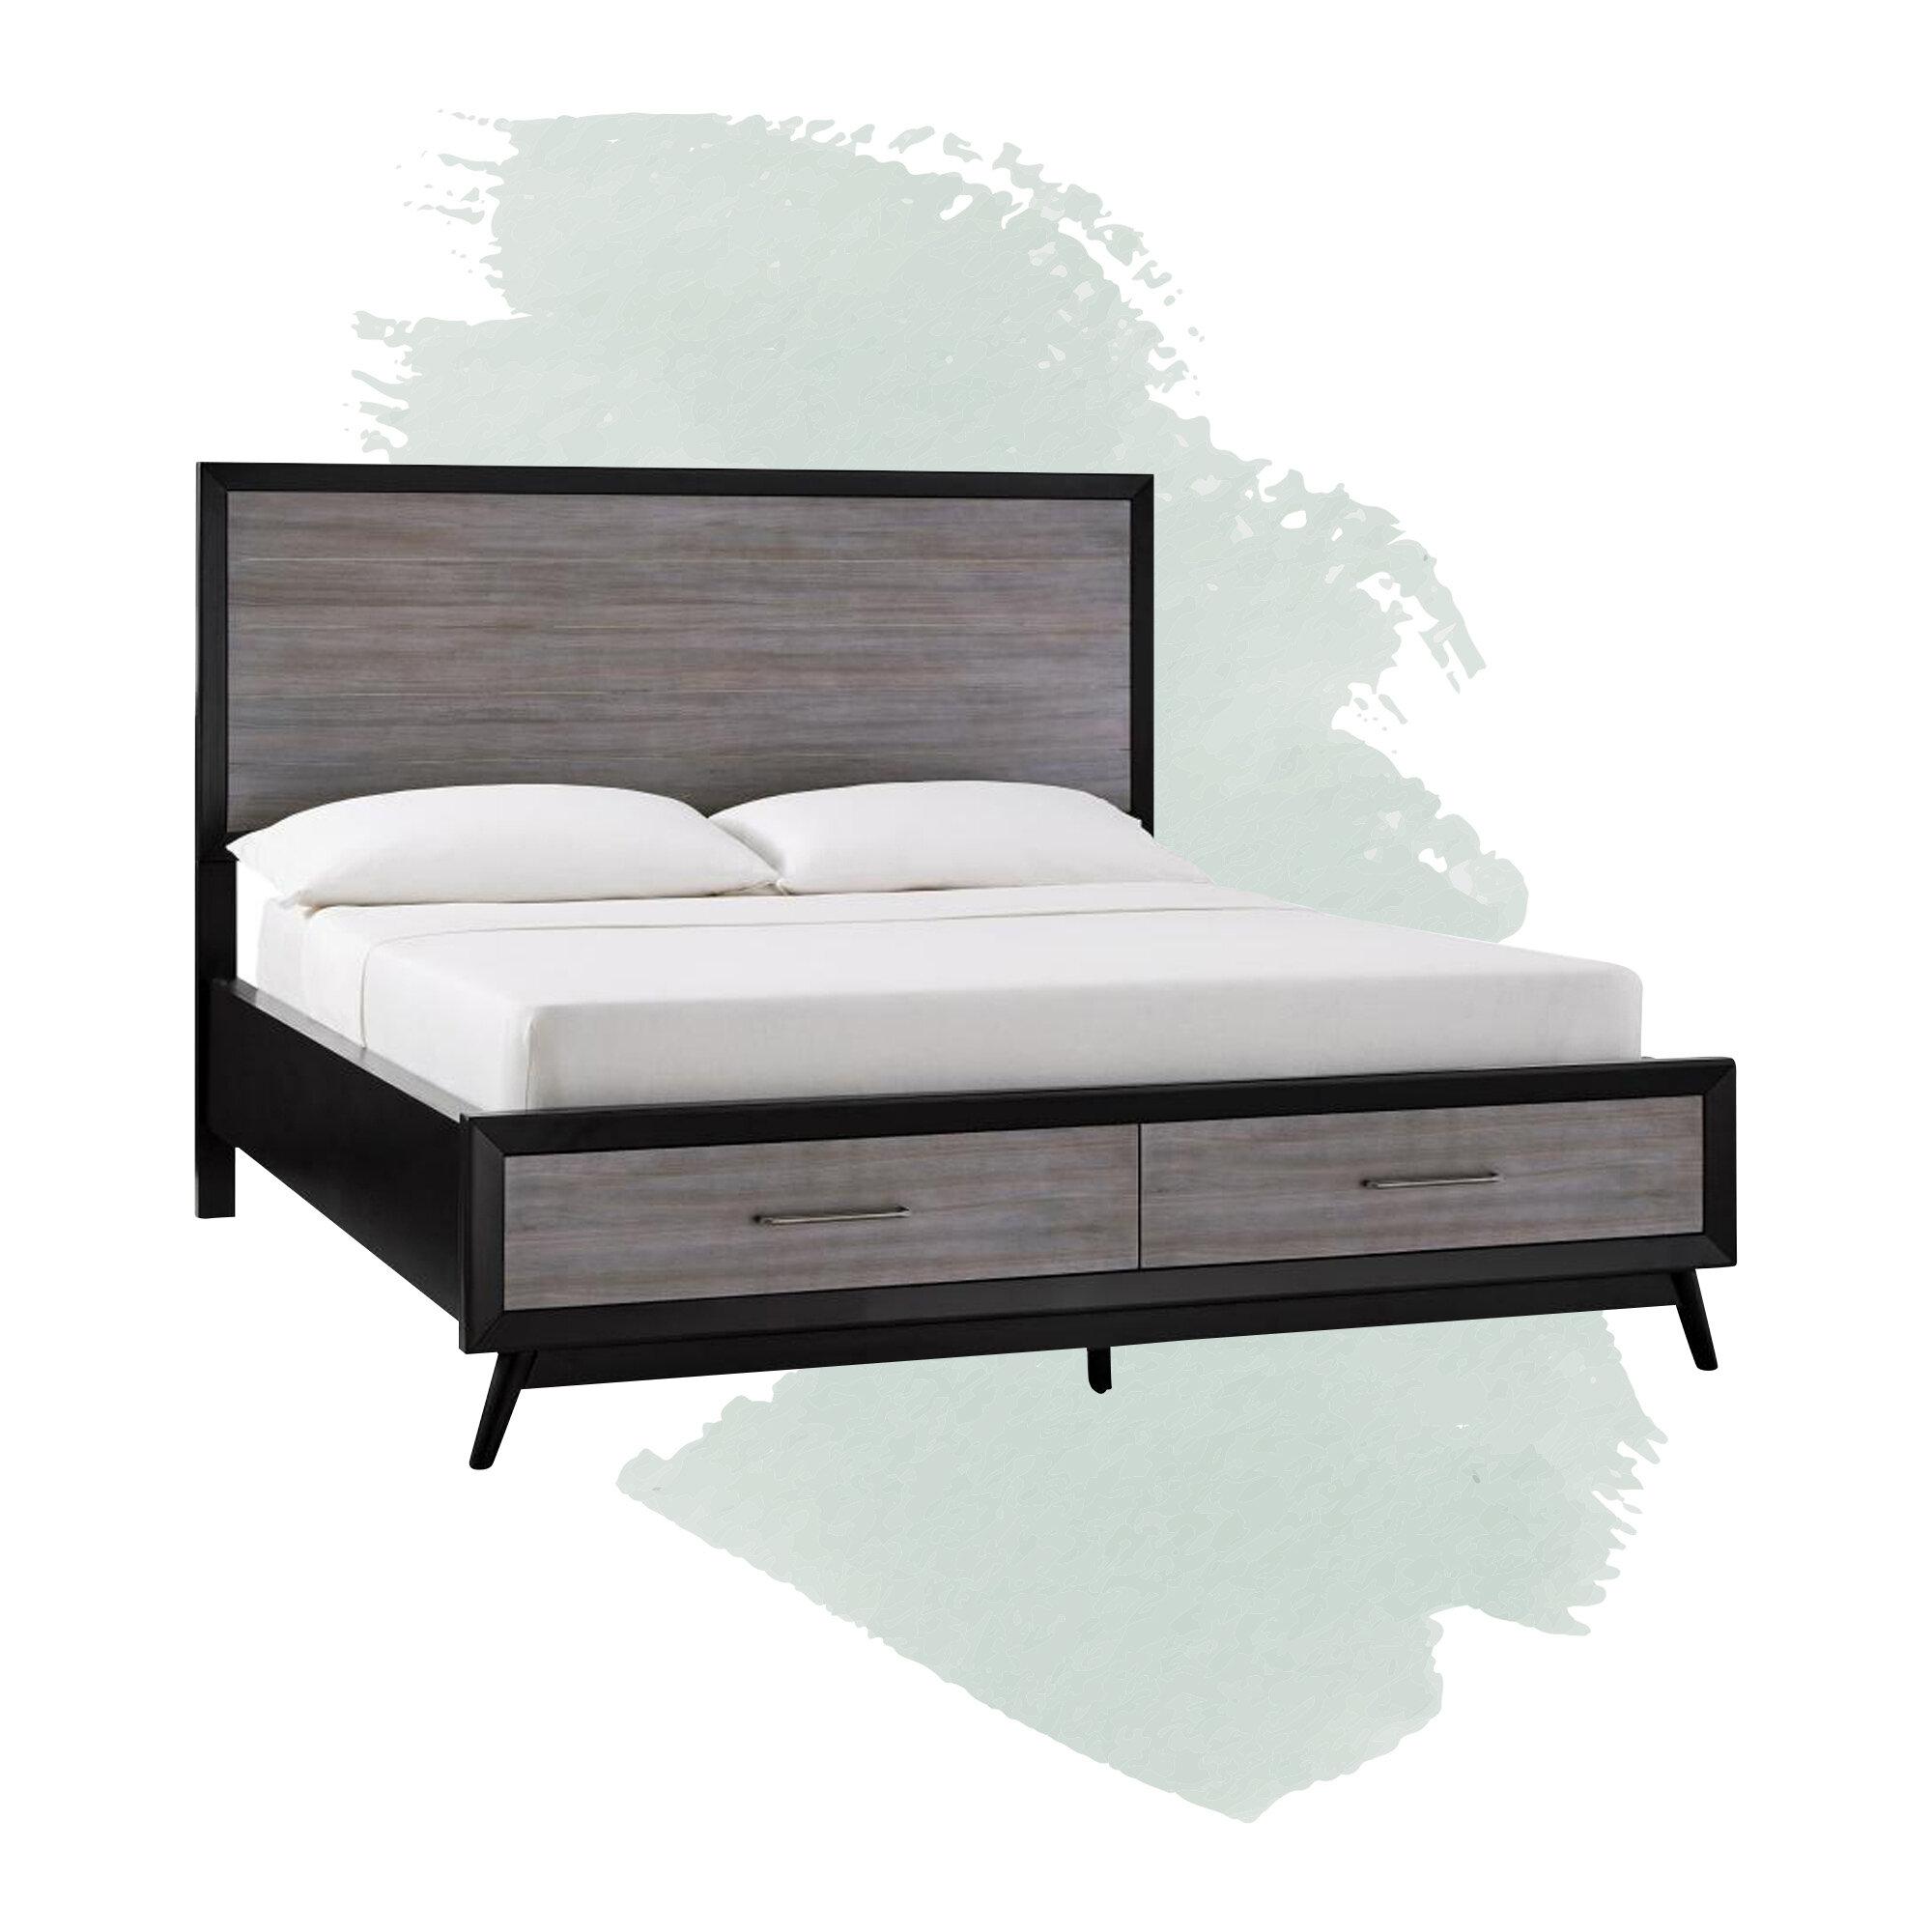 Foundstone Alleya Storage Platform Bed